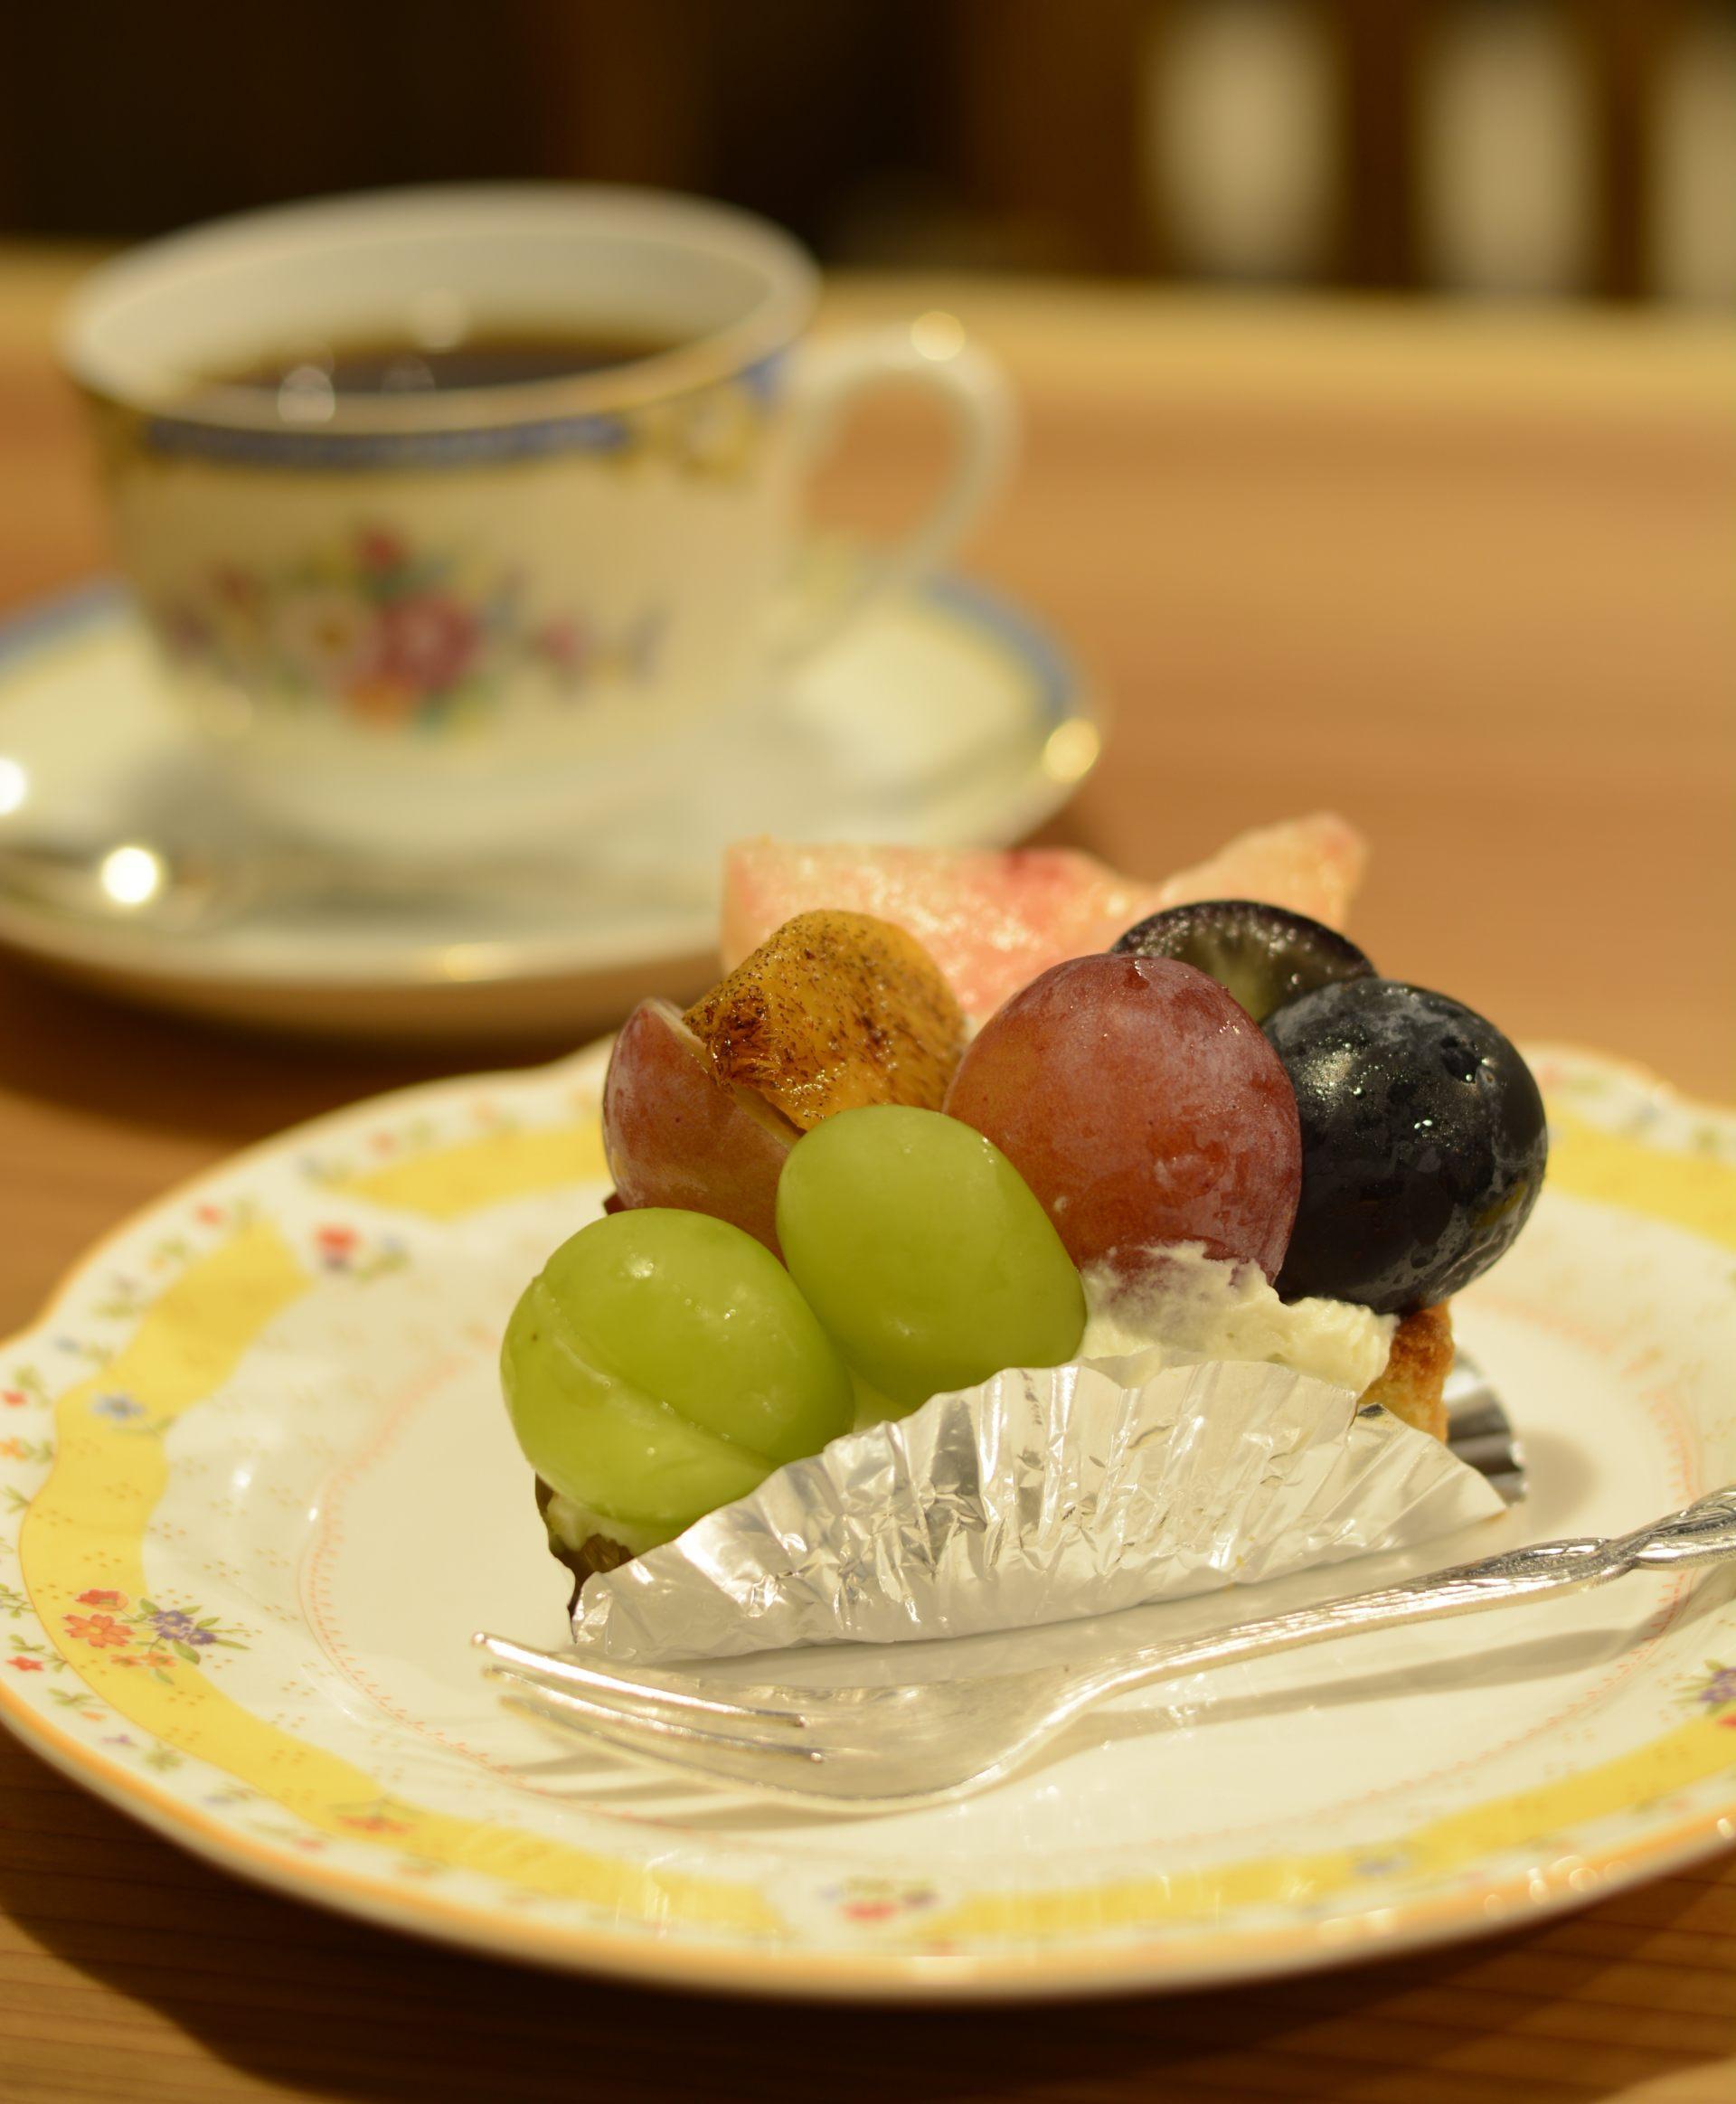 推薦菜單:水果塔(500日元) / 特調咖啡(400日元)